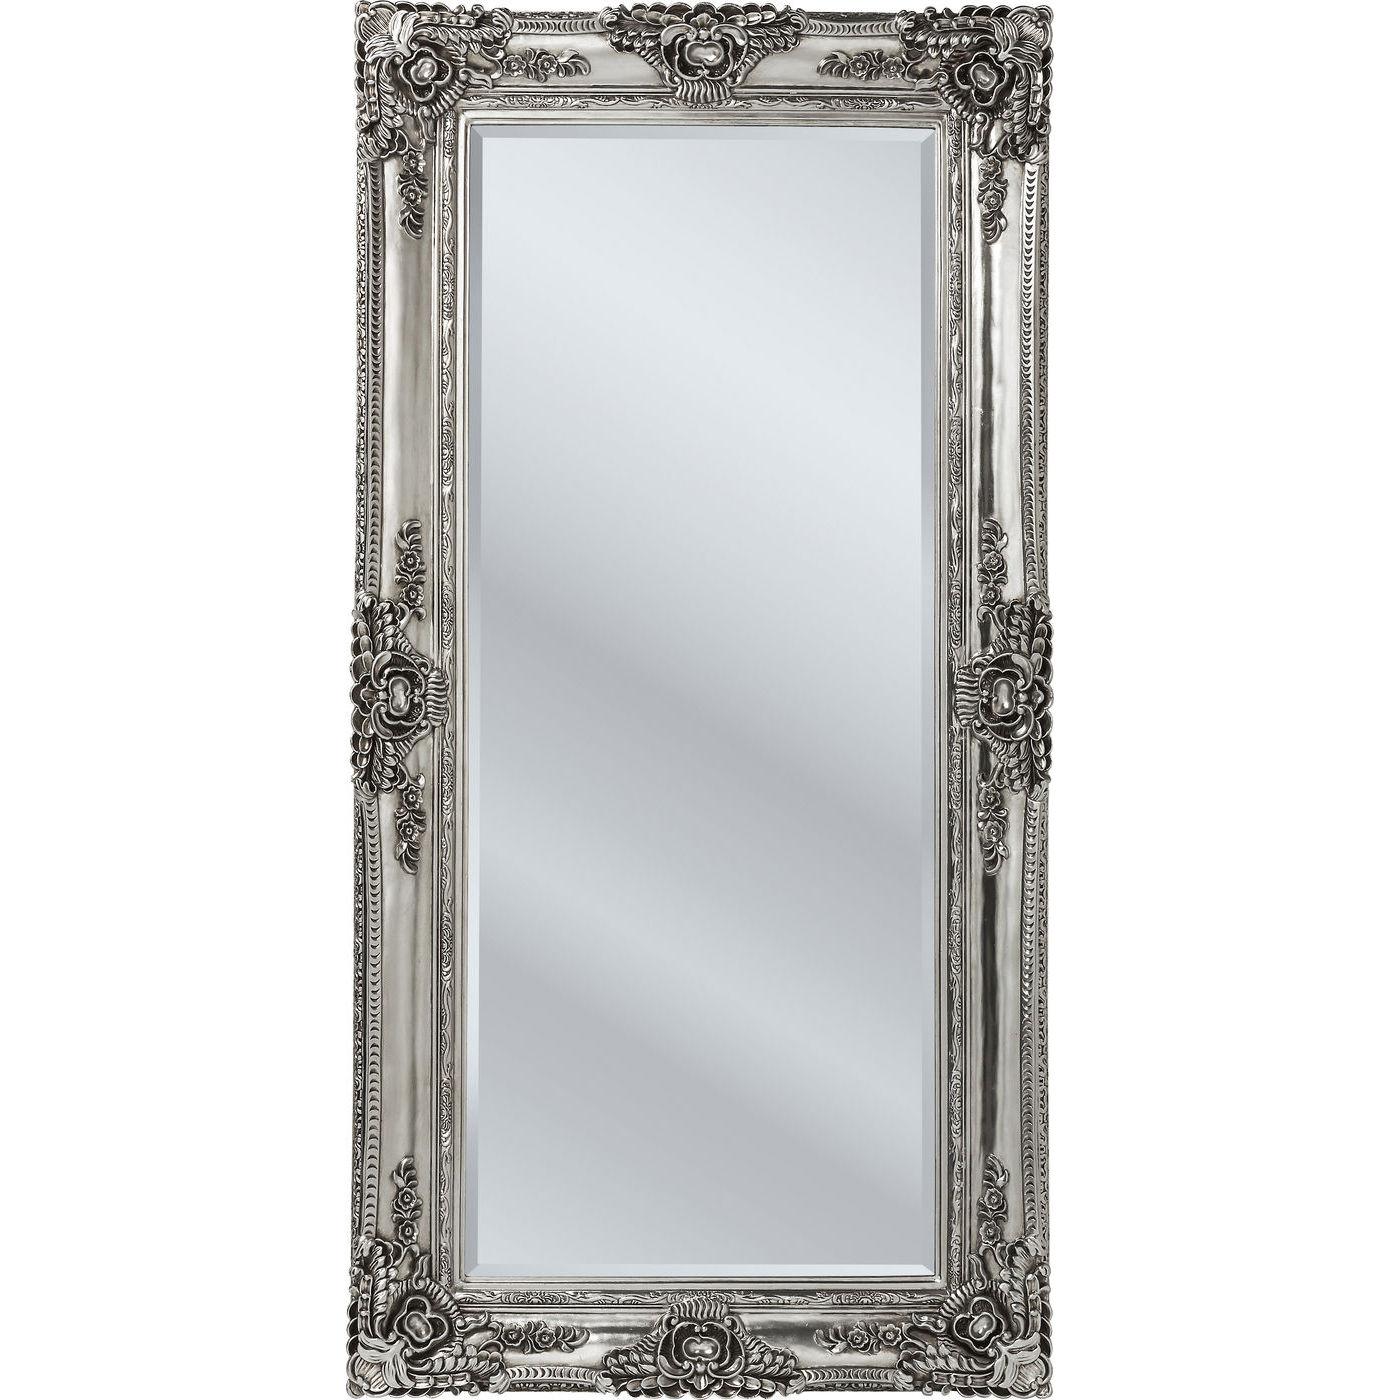 Spejl royal residence 203x104cm med udskringer i rammen for Miroir online shop